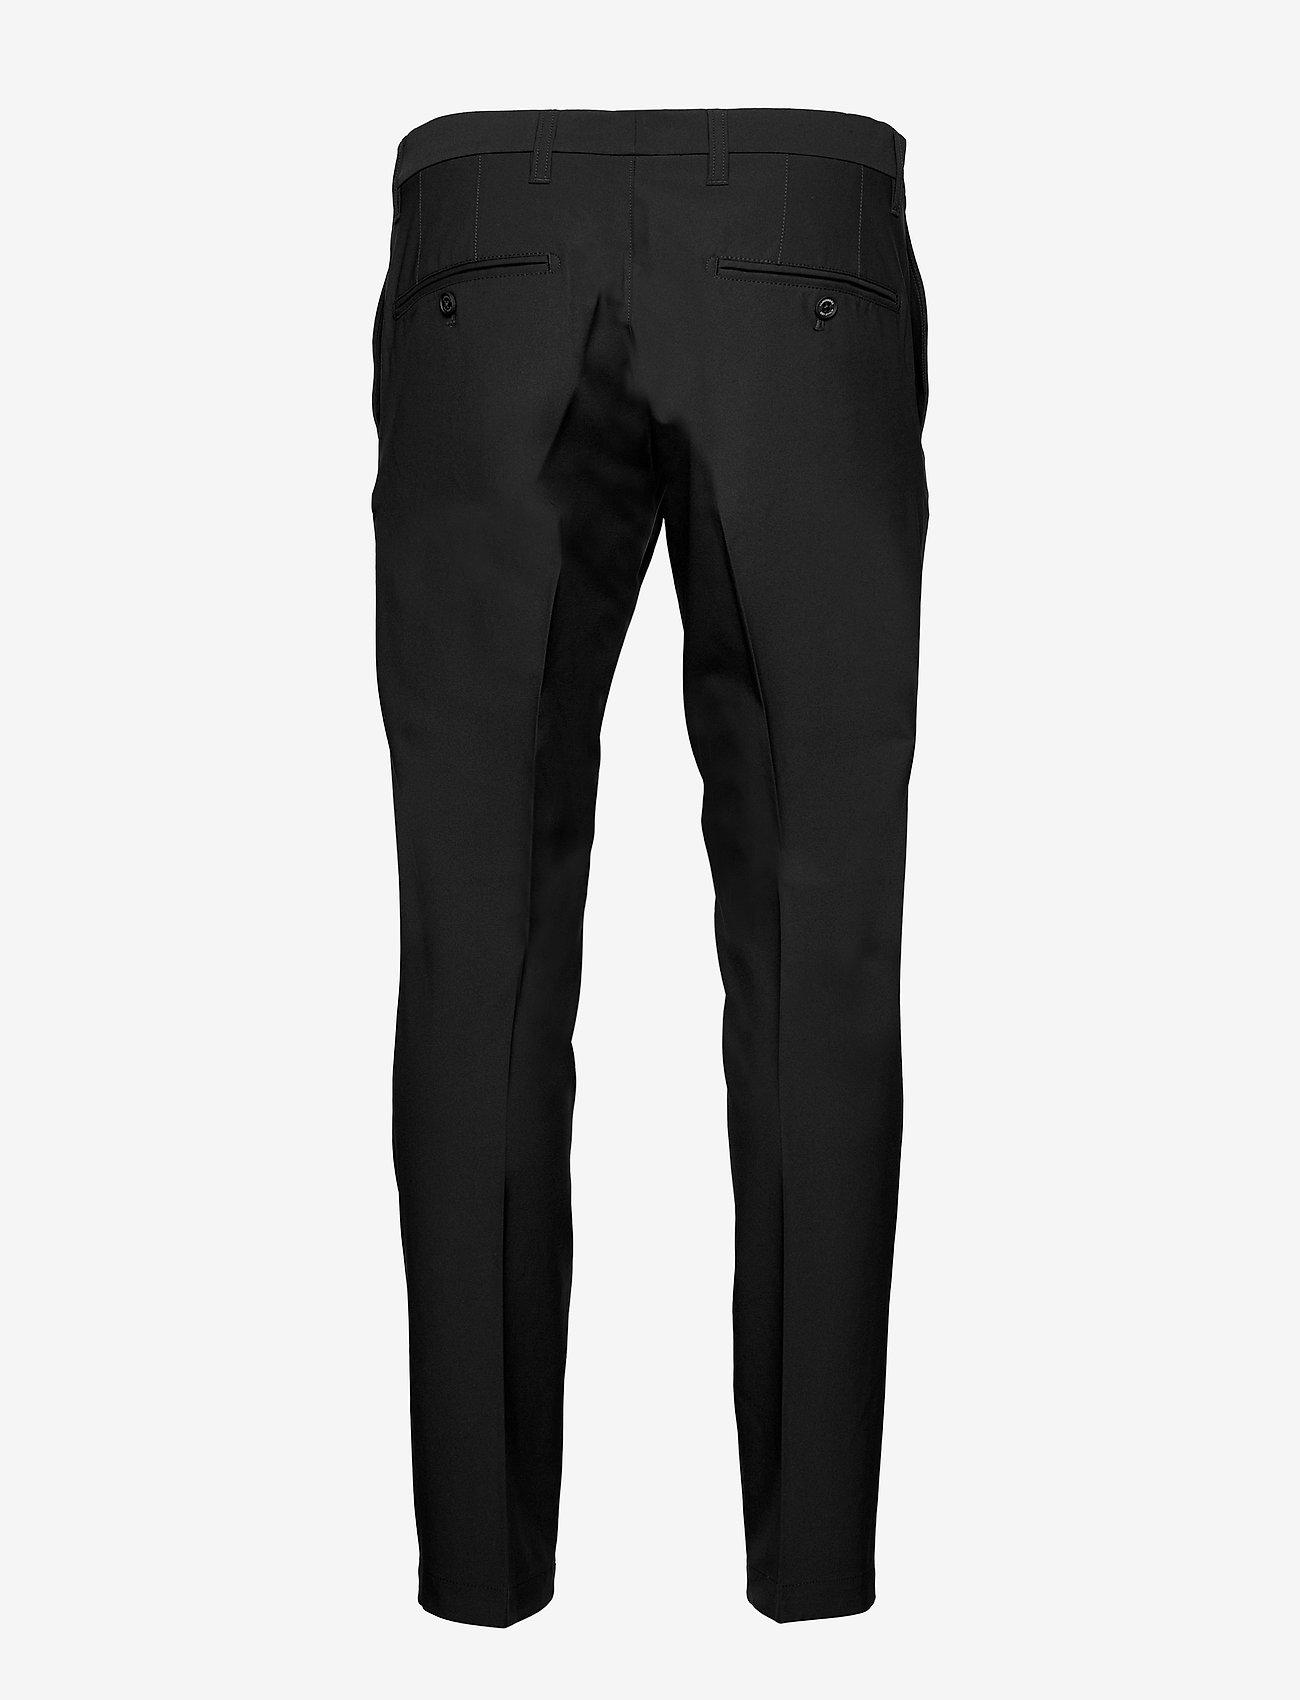 J. Lindeberg Golf - Ellott Golf Pant - golfbukser - black - 1